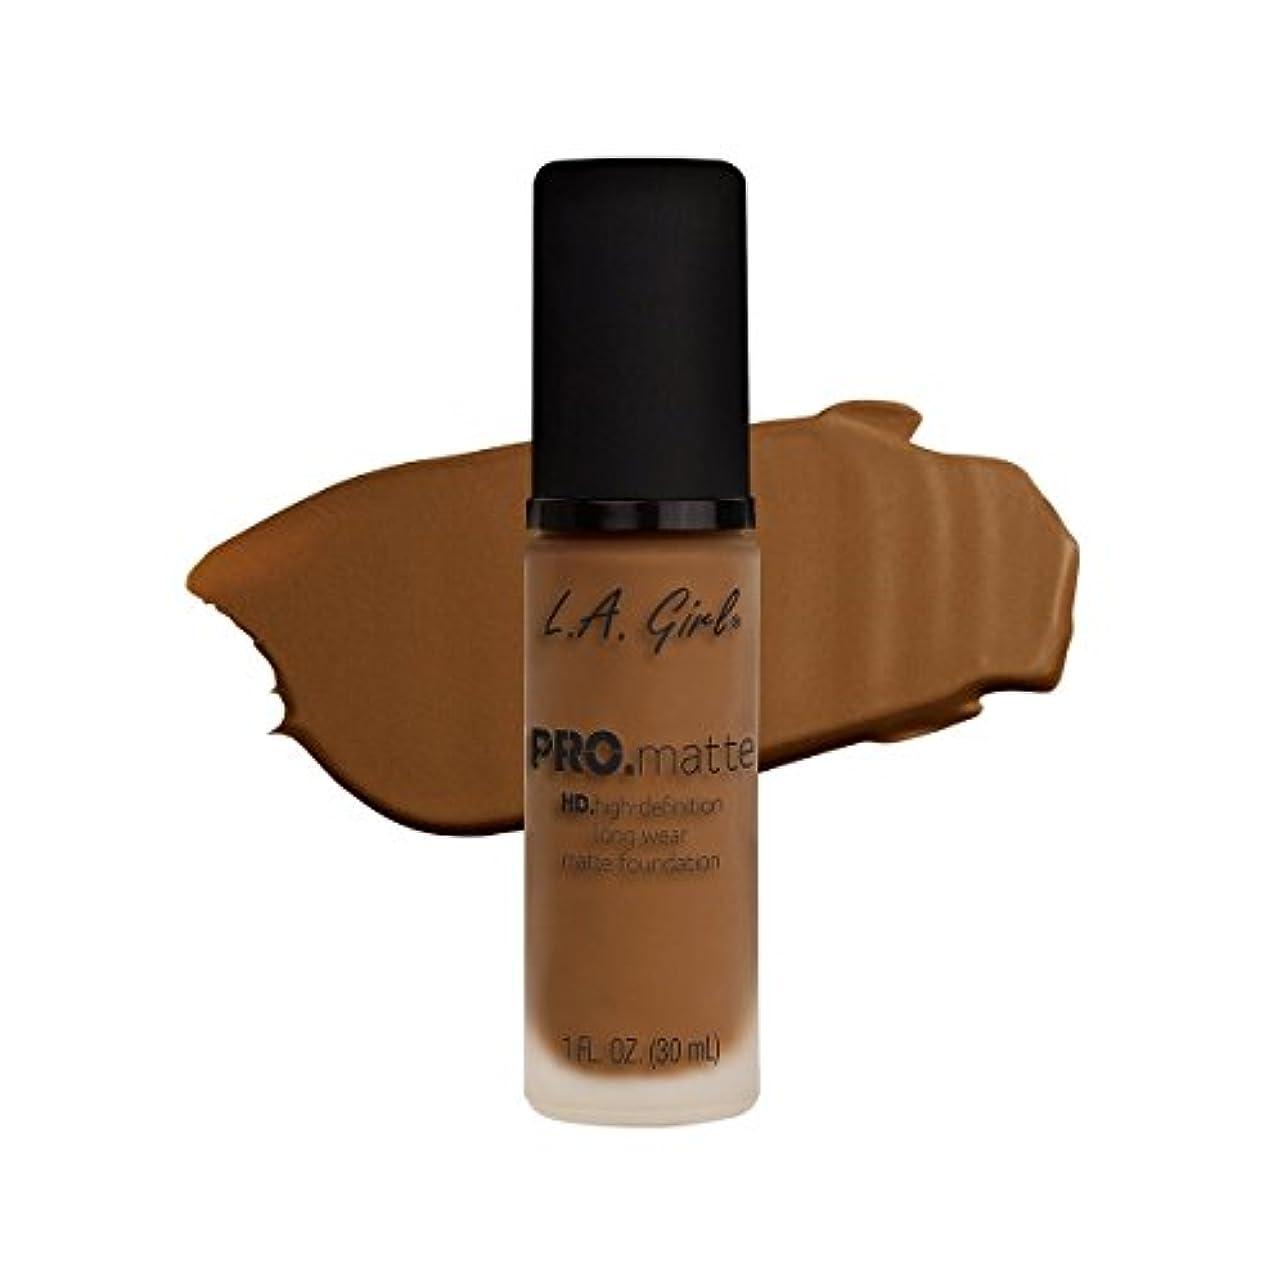 クロニクル社員検閲(6 Pack) L.A. GIRL Pro Matte Foundation - Nutmeg (並行輸入品)